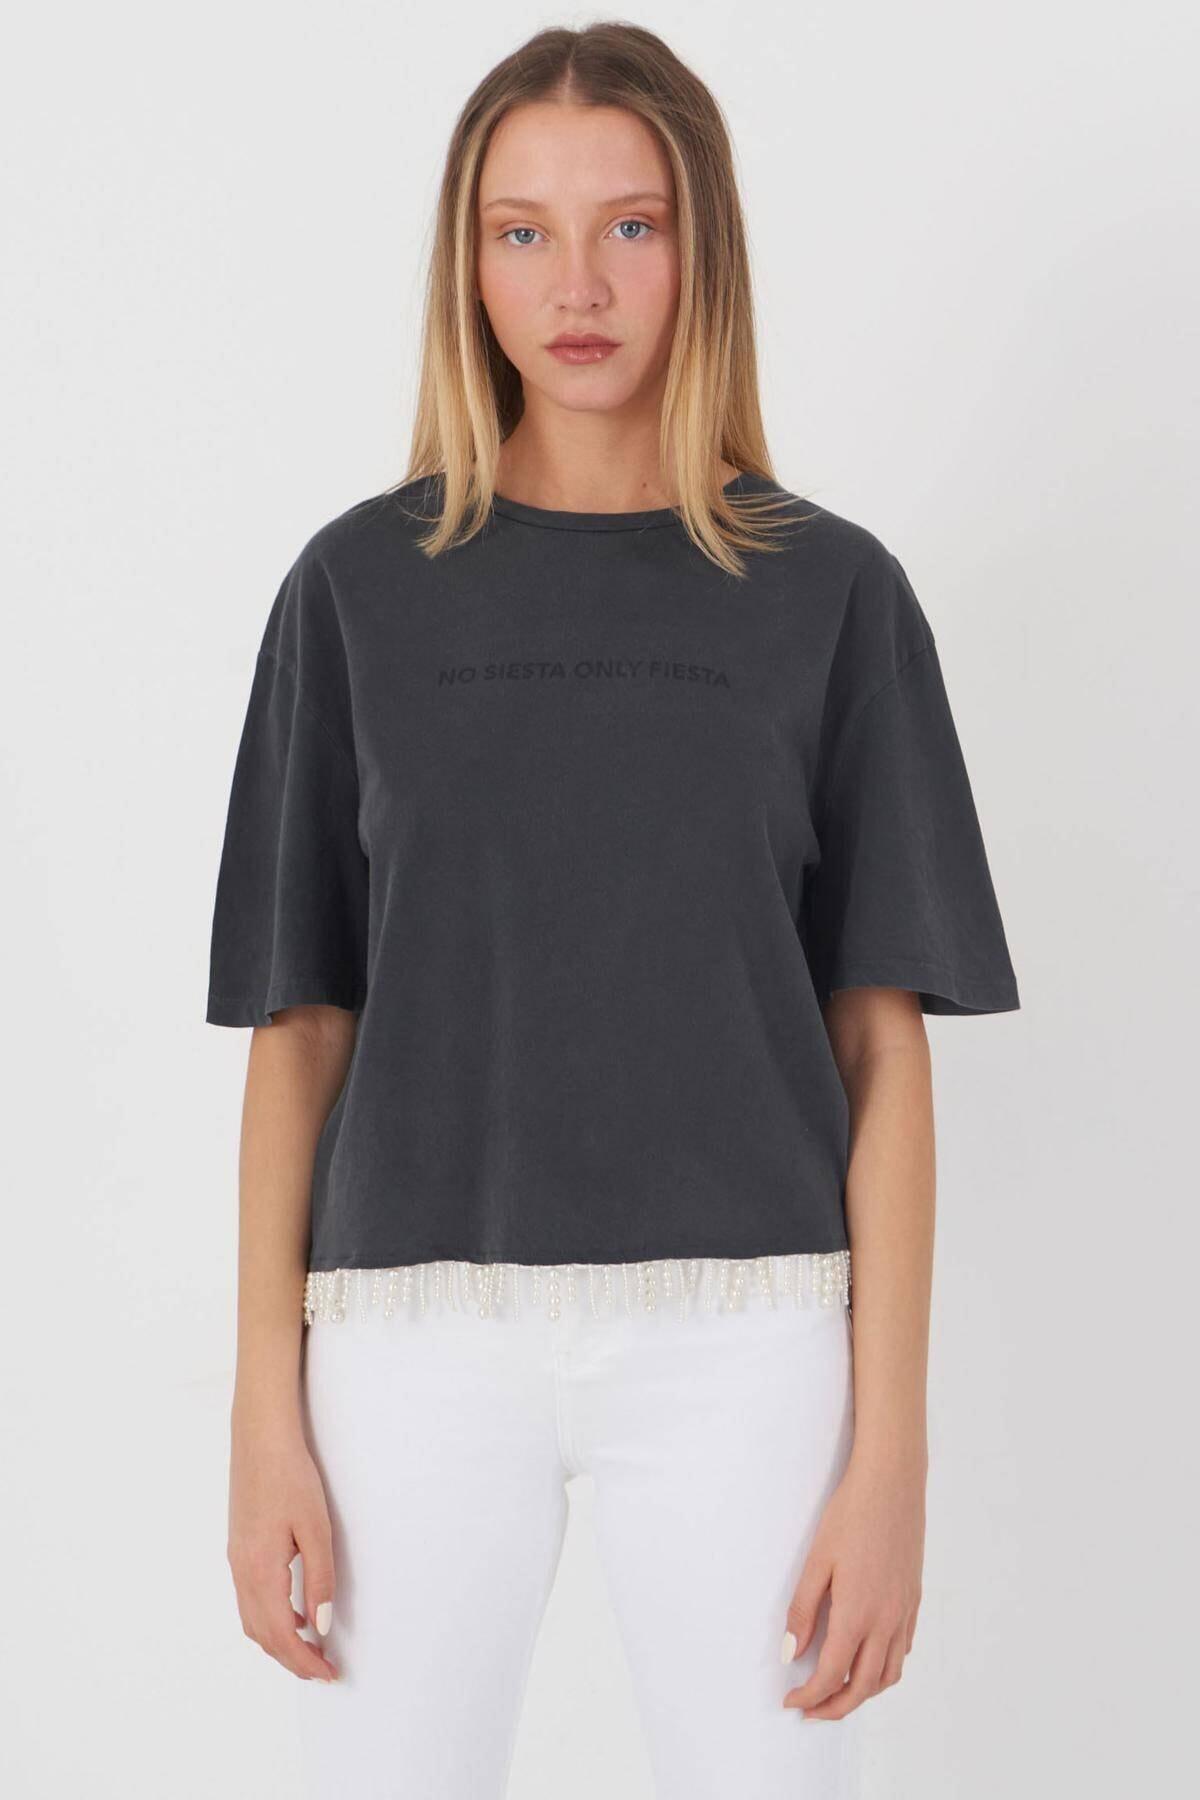 Addax Kadın Füme Boncuk Detaylı Tişört P12236 - T10 Adx-0000023903 0